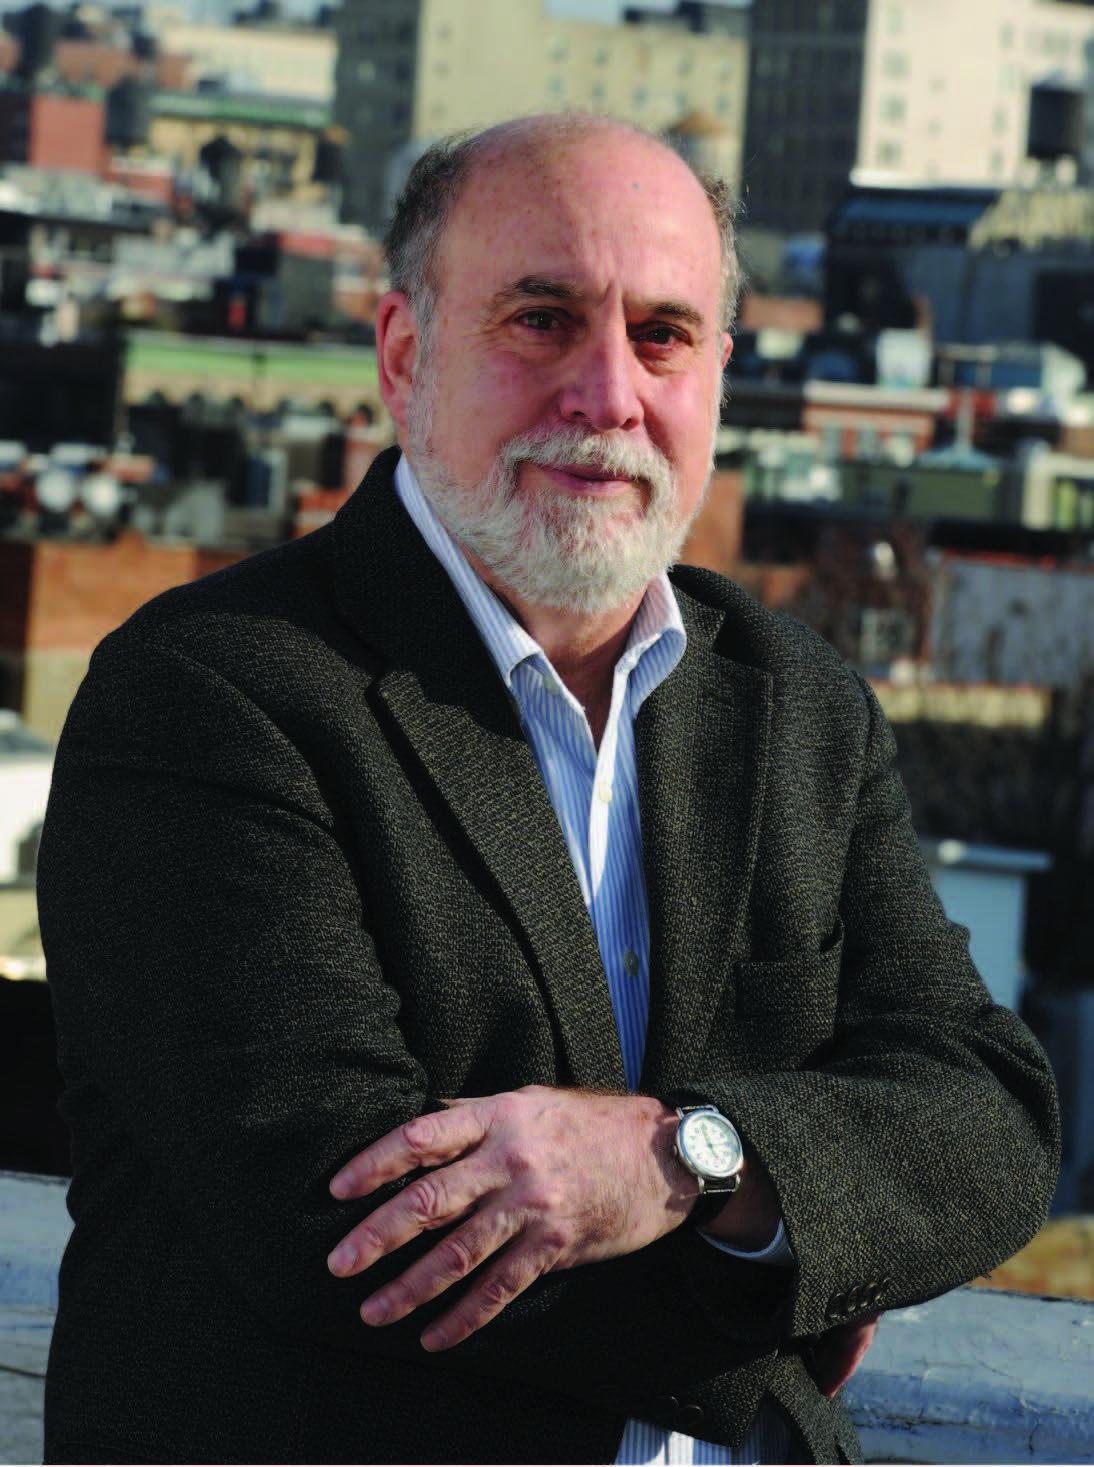 Michael Zisser